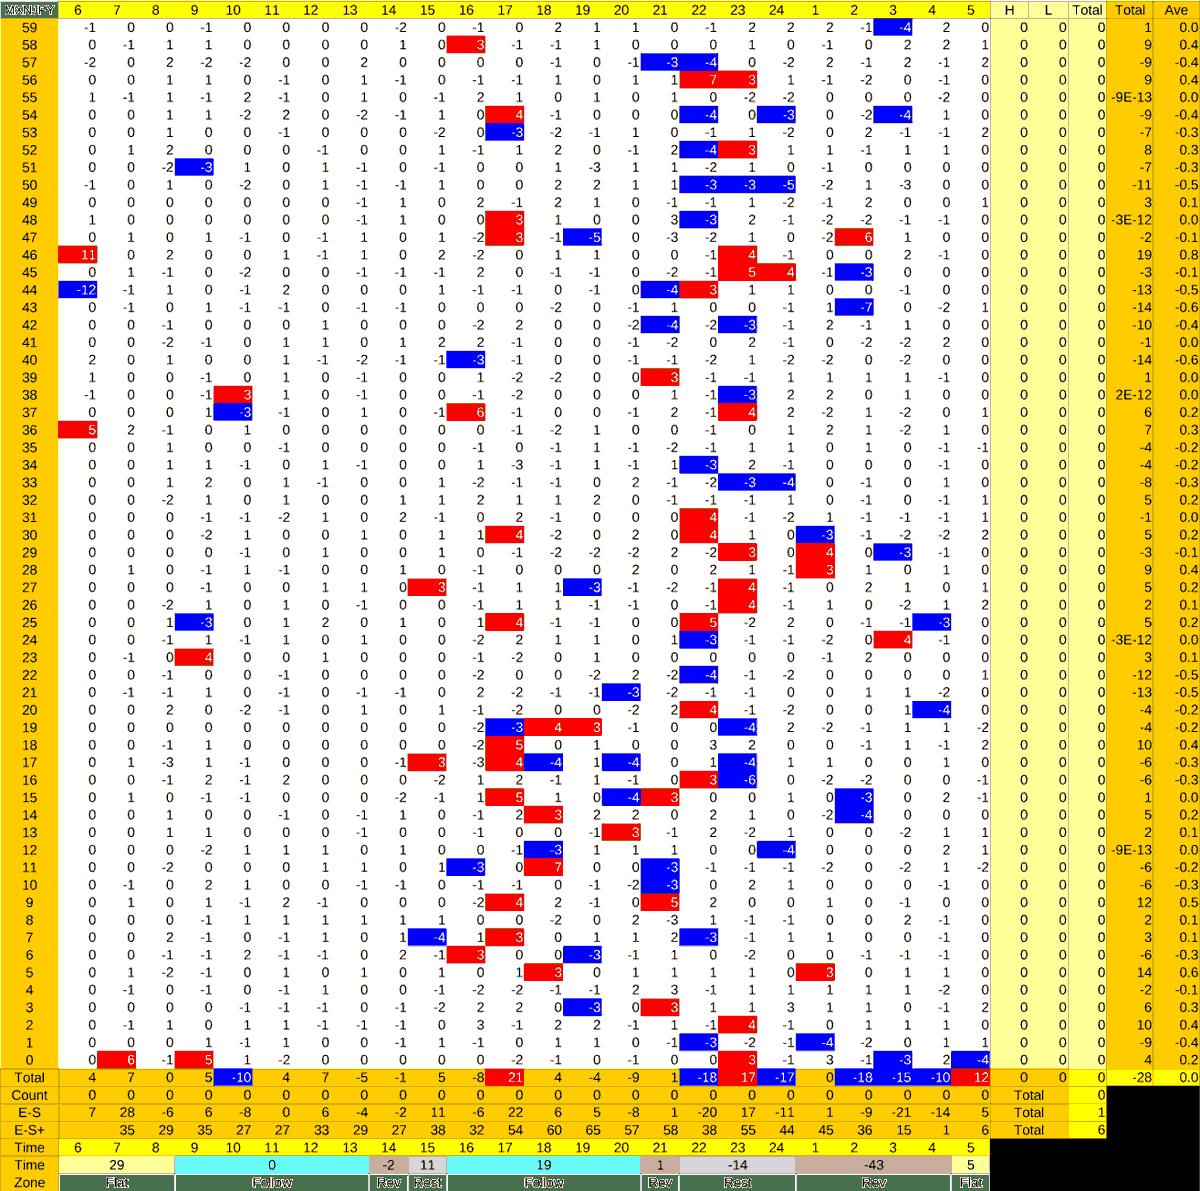 20210324_HS(3)MXNJPY-min